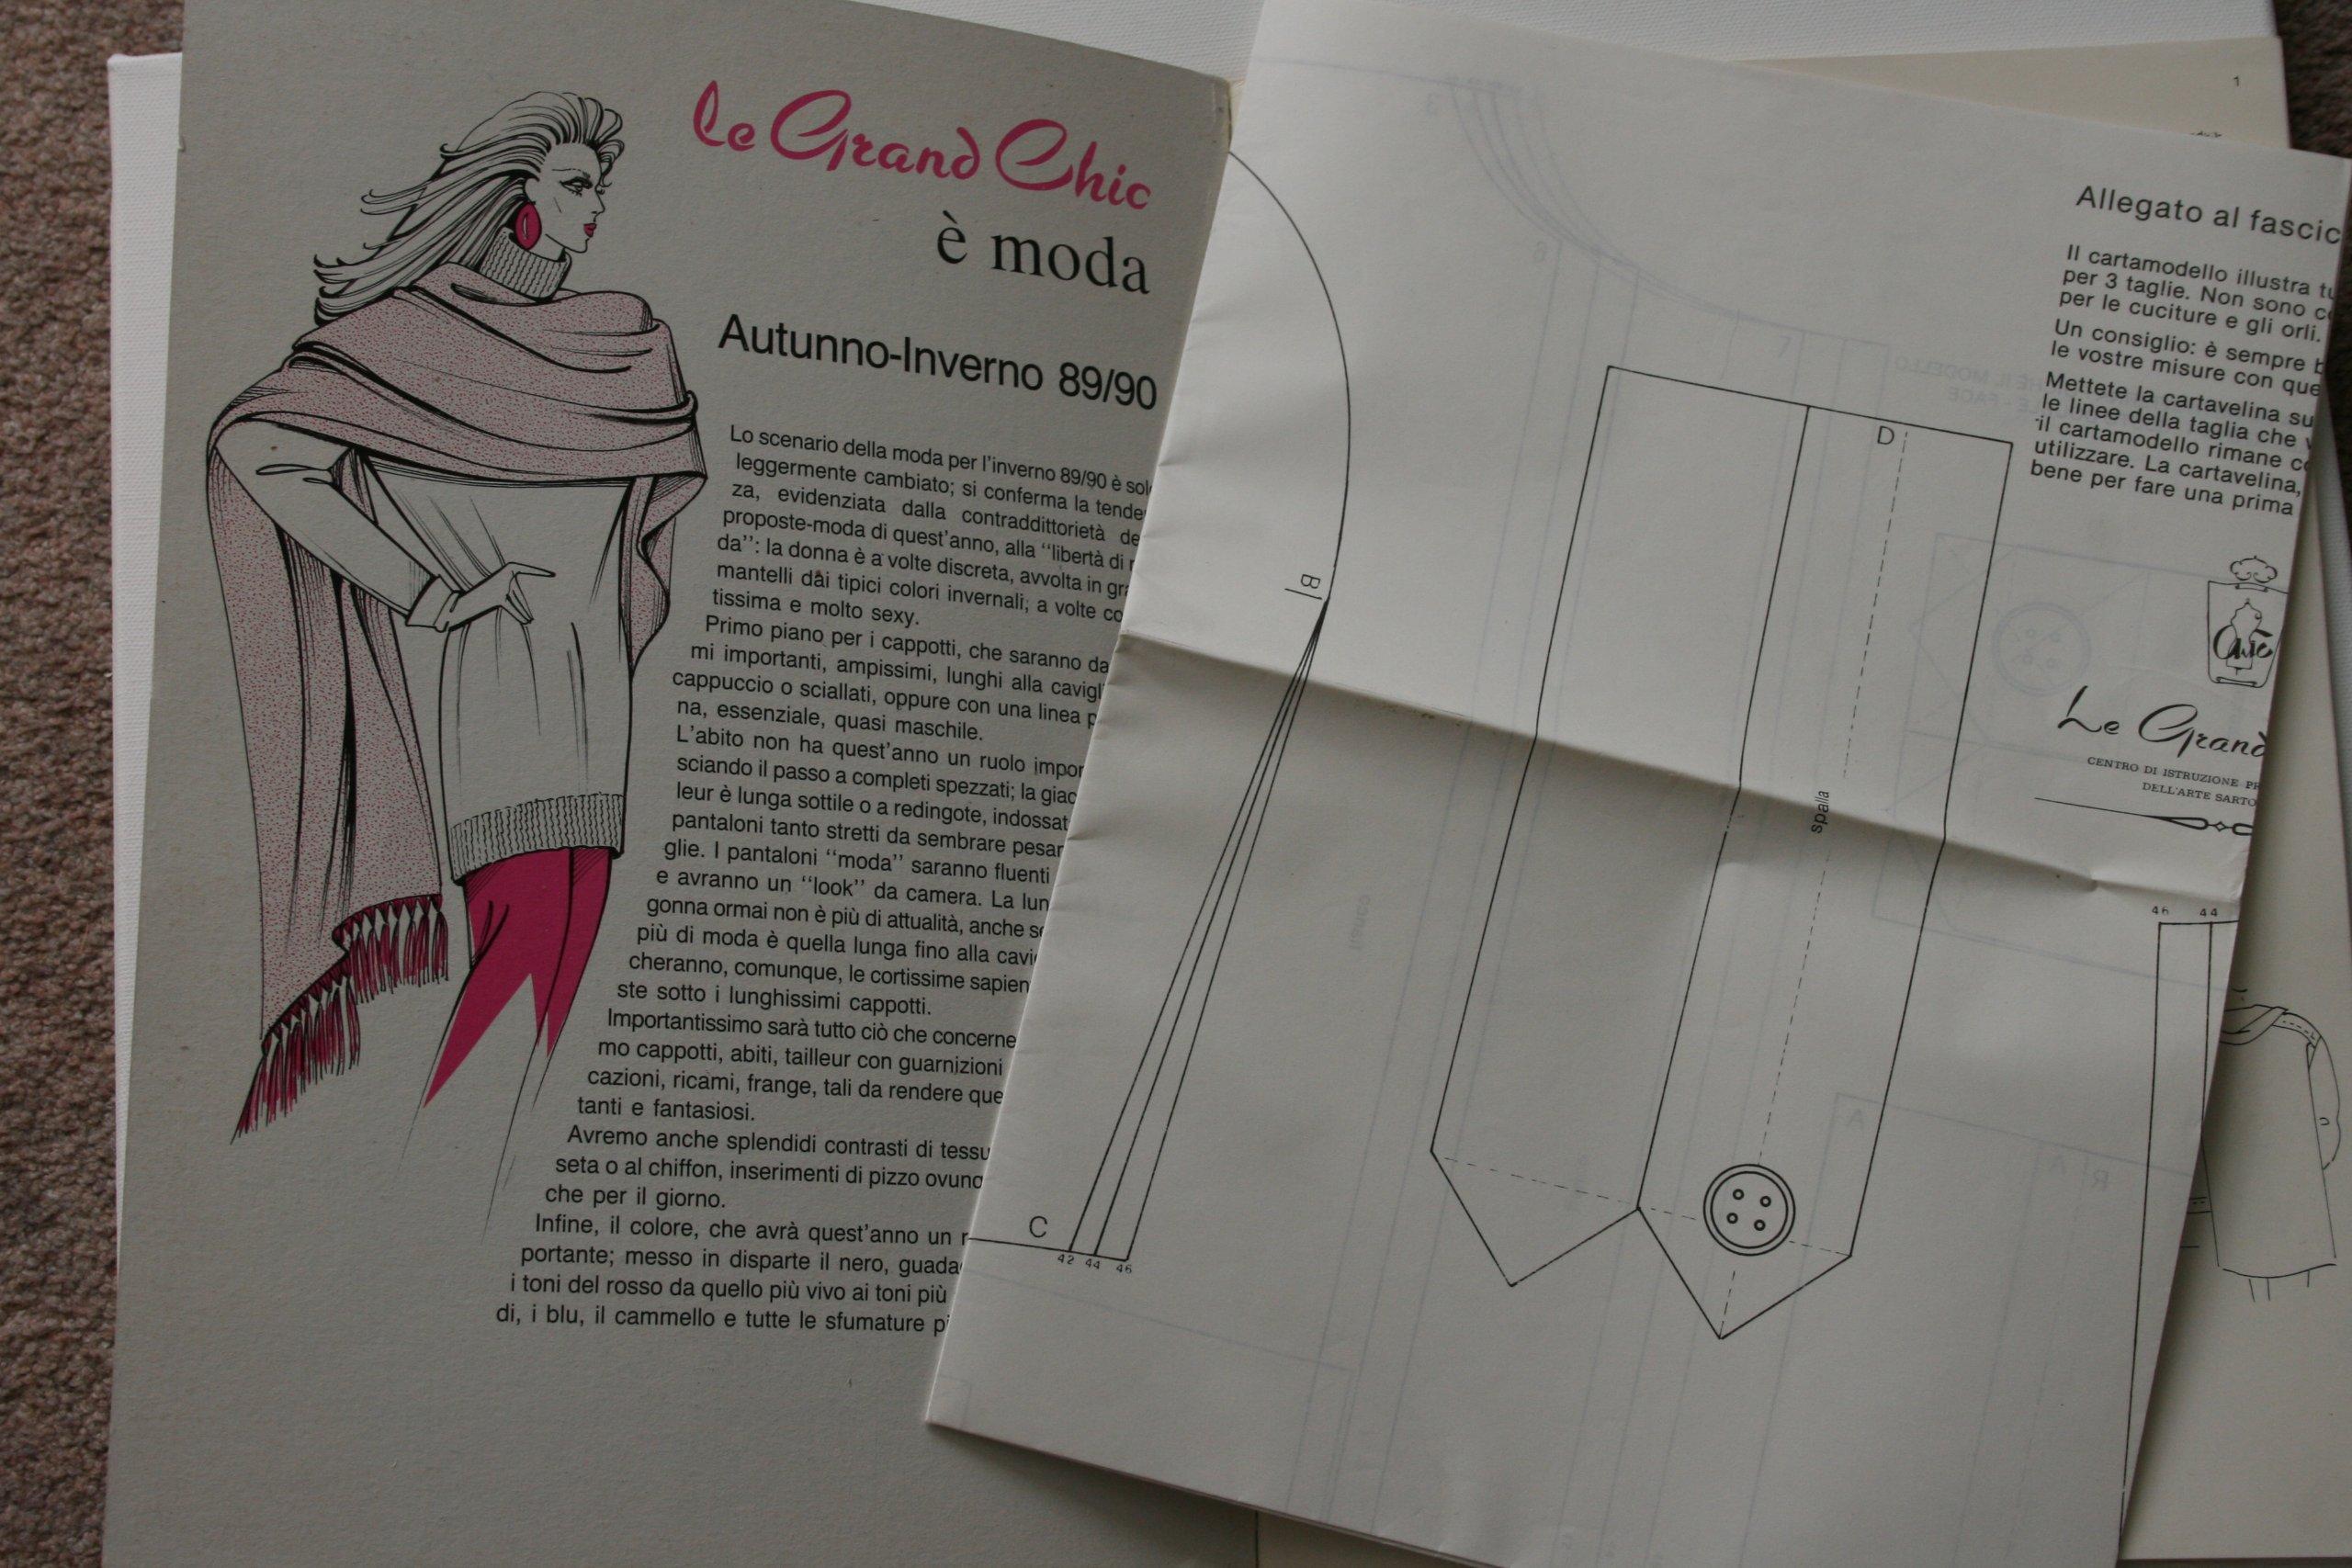 LE GRAND CHIC Alta Moda Autunno-Inverno 1989 90 Italian Fashions (Servizio  Modelli Contiene Cartamodello in 3 Taglie)  Amazon.co.uk  CHIC  Books 1db19a78084